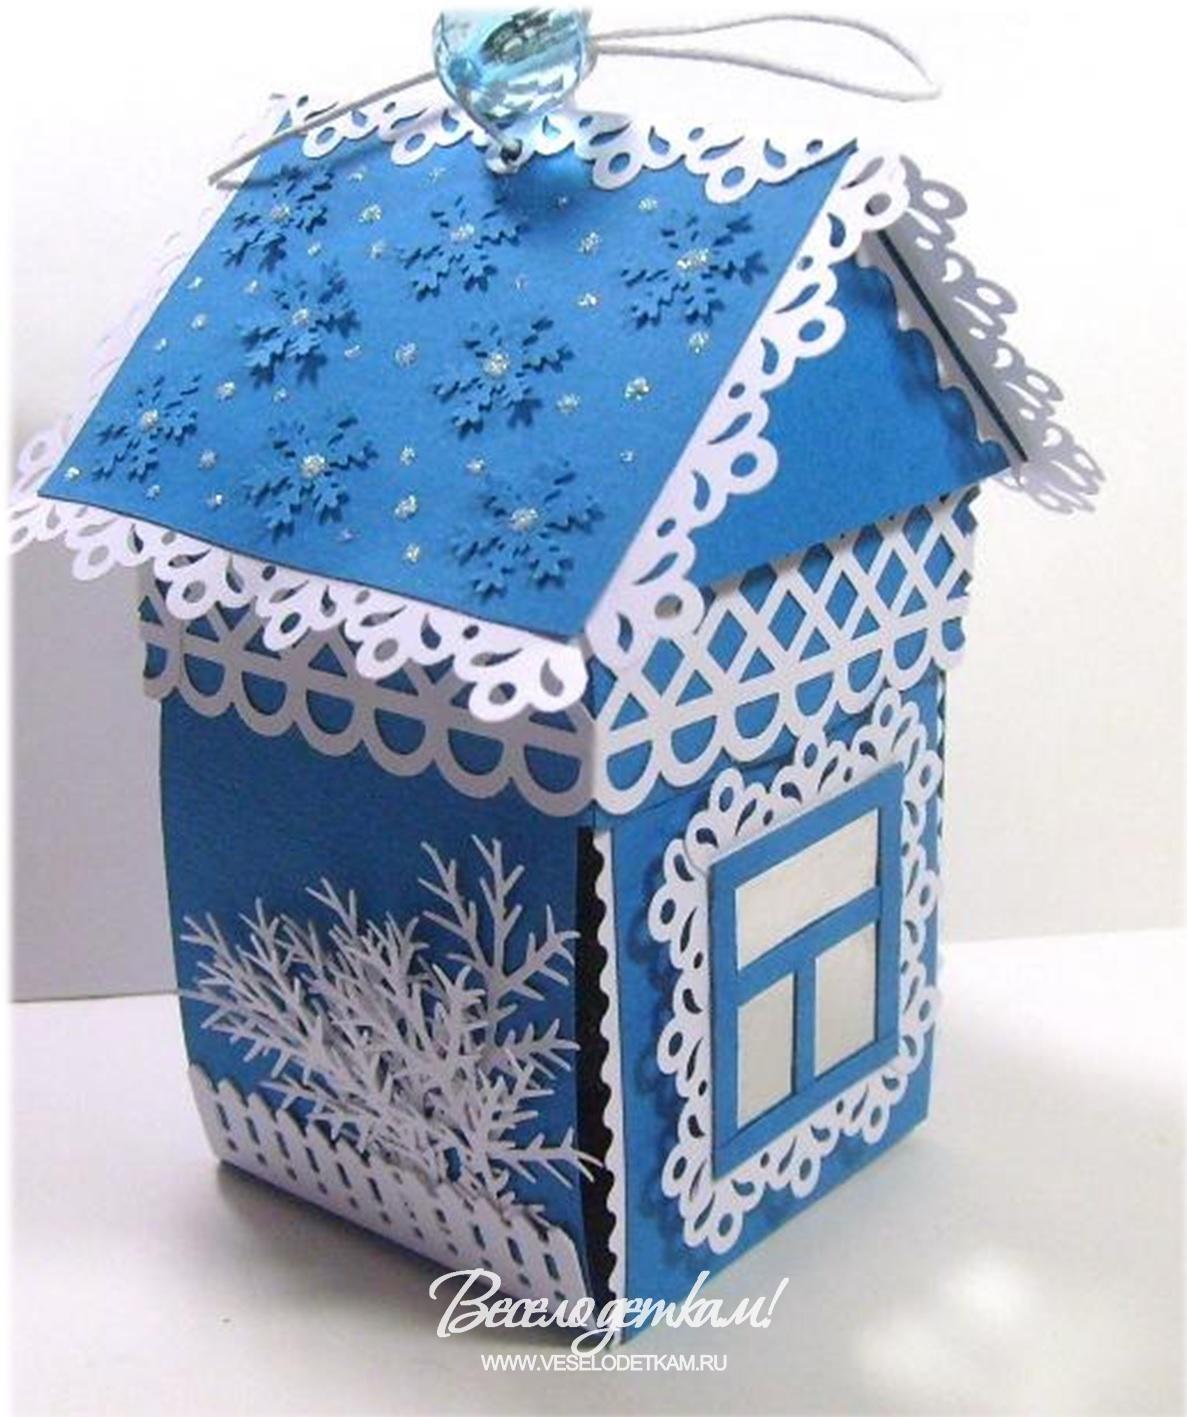 Зимние сказочные домики своими руками 15